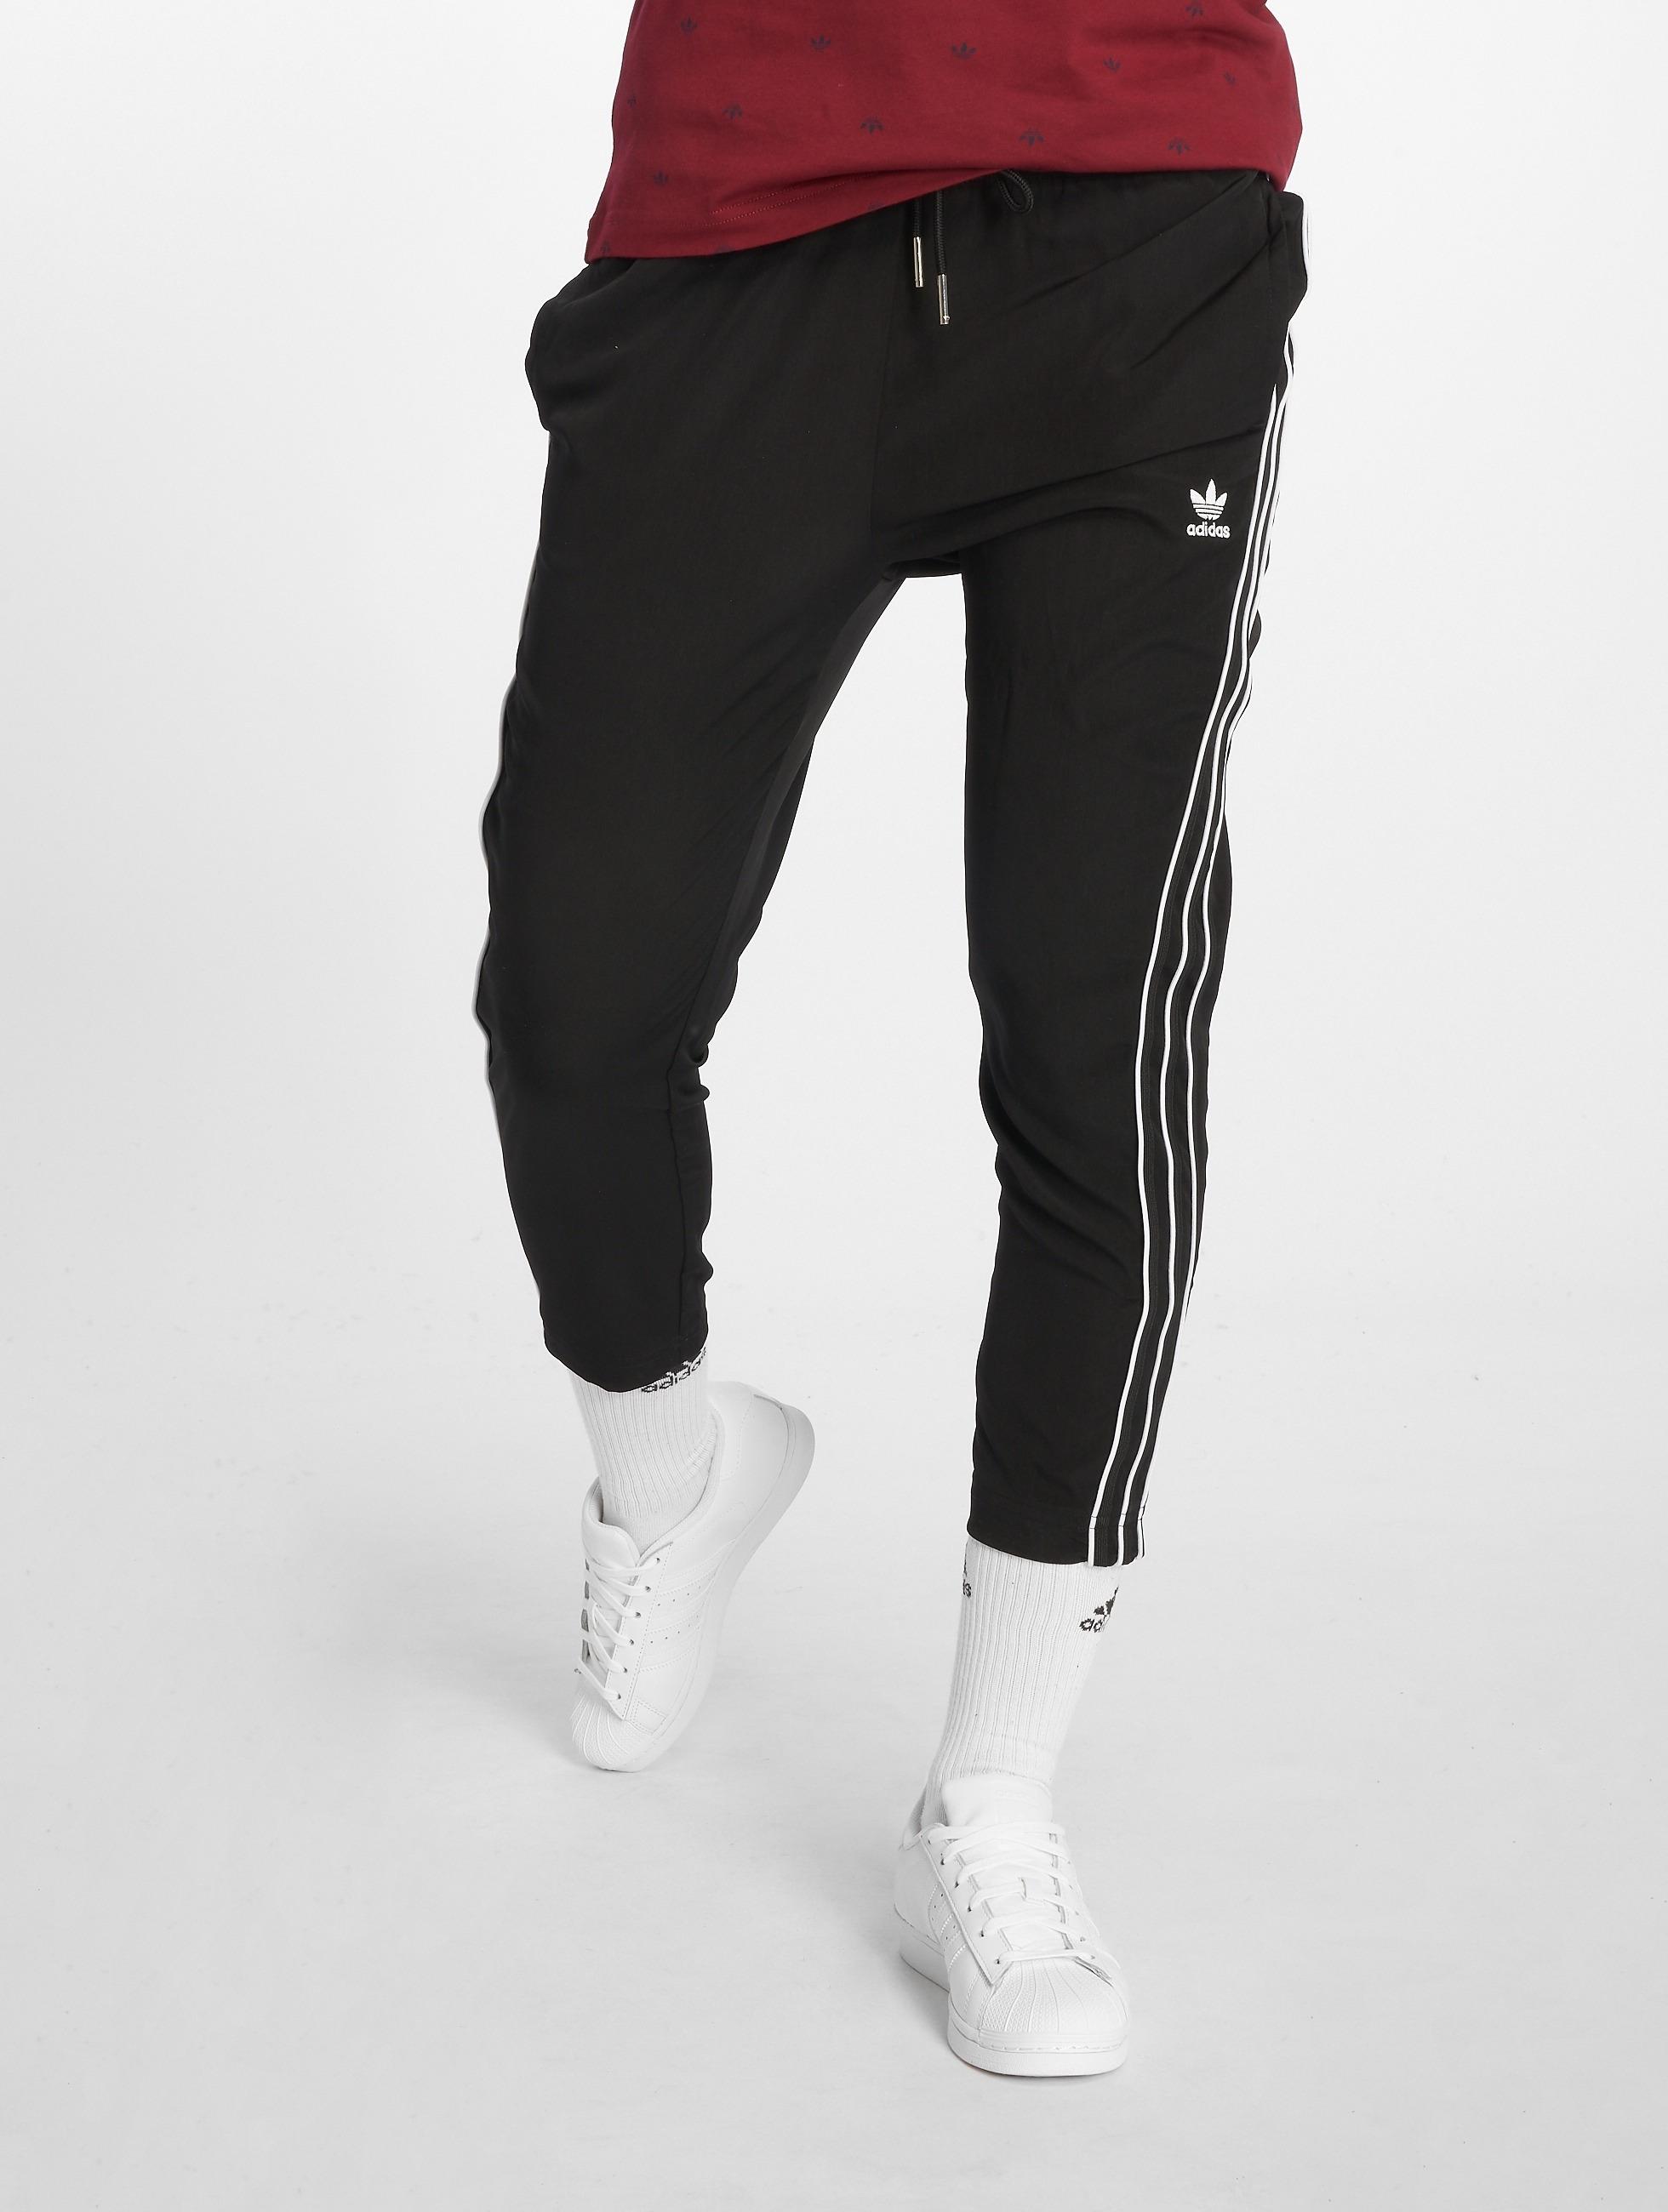 aae37993d86 adidas originals broek / joggingbroek SC Sweat in zwart 582360